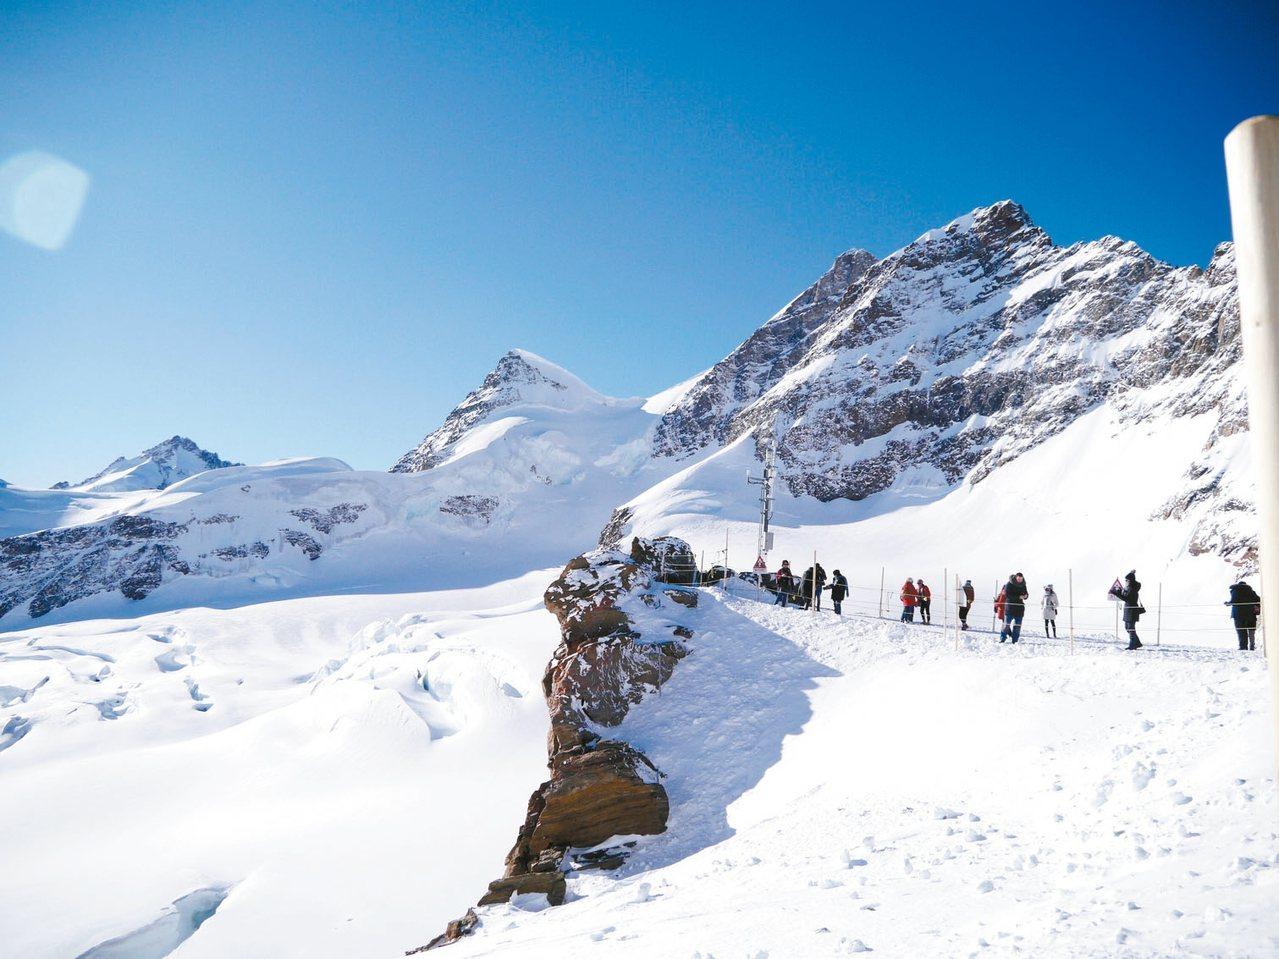 少女峰山上的冰原美景,相當壯觀。 記者許晉榮/攝影